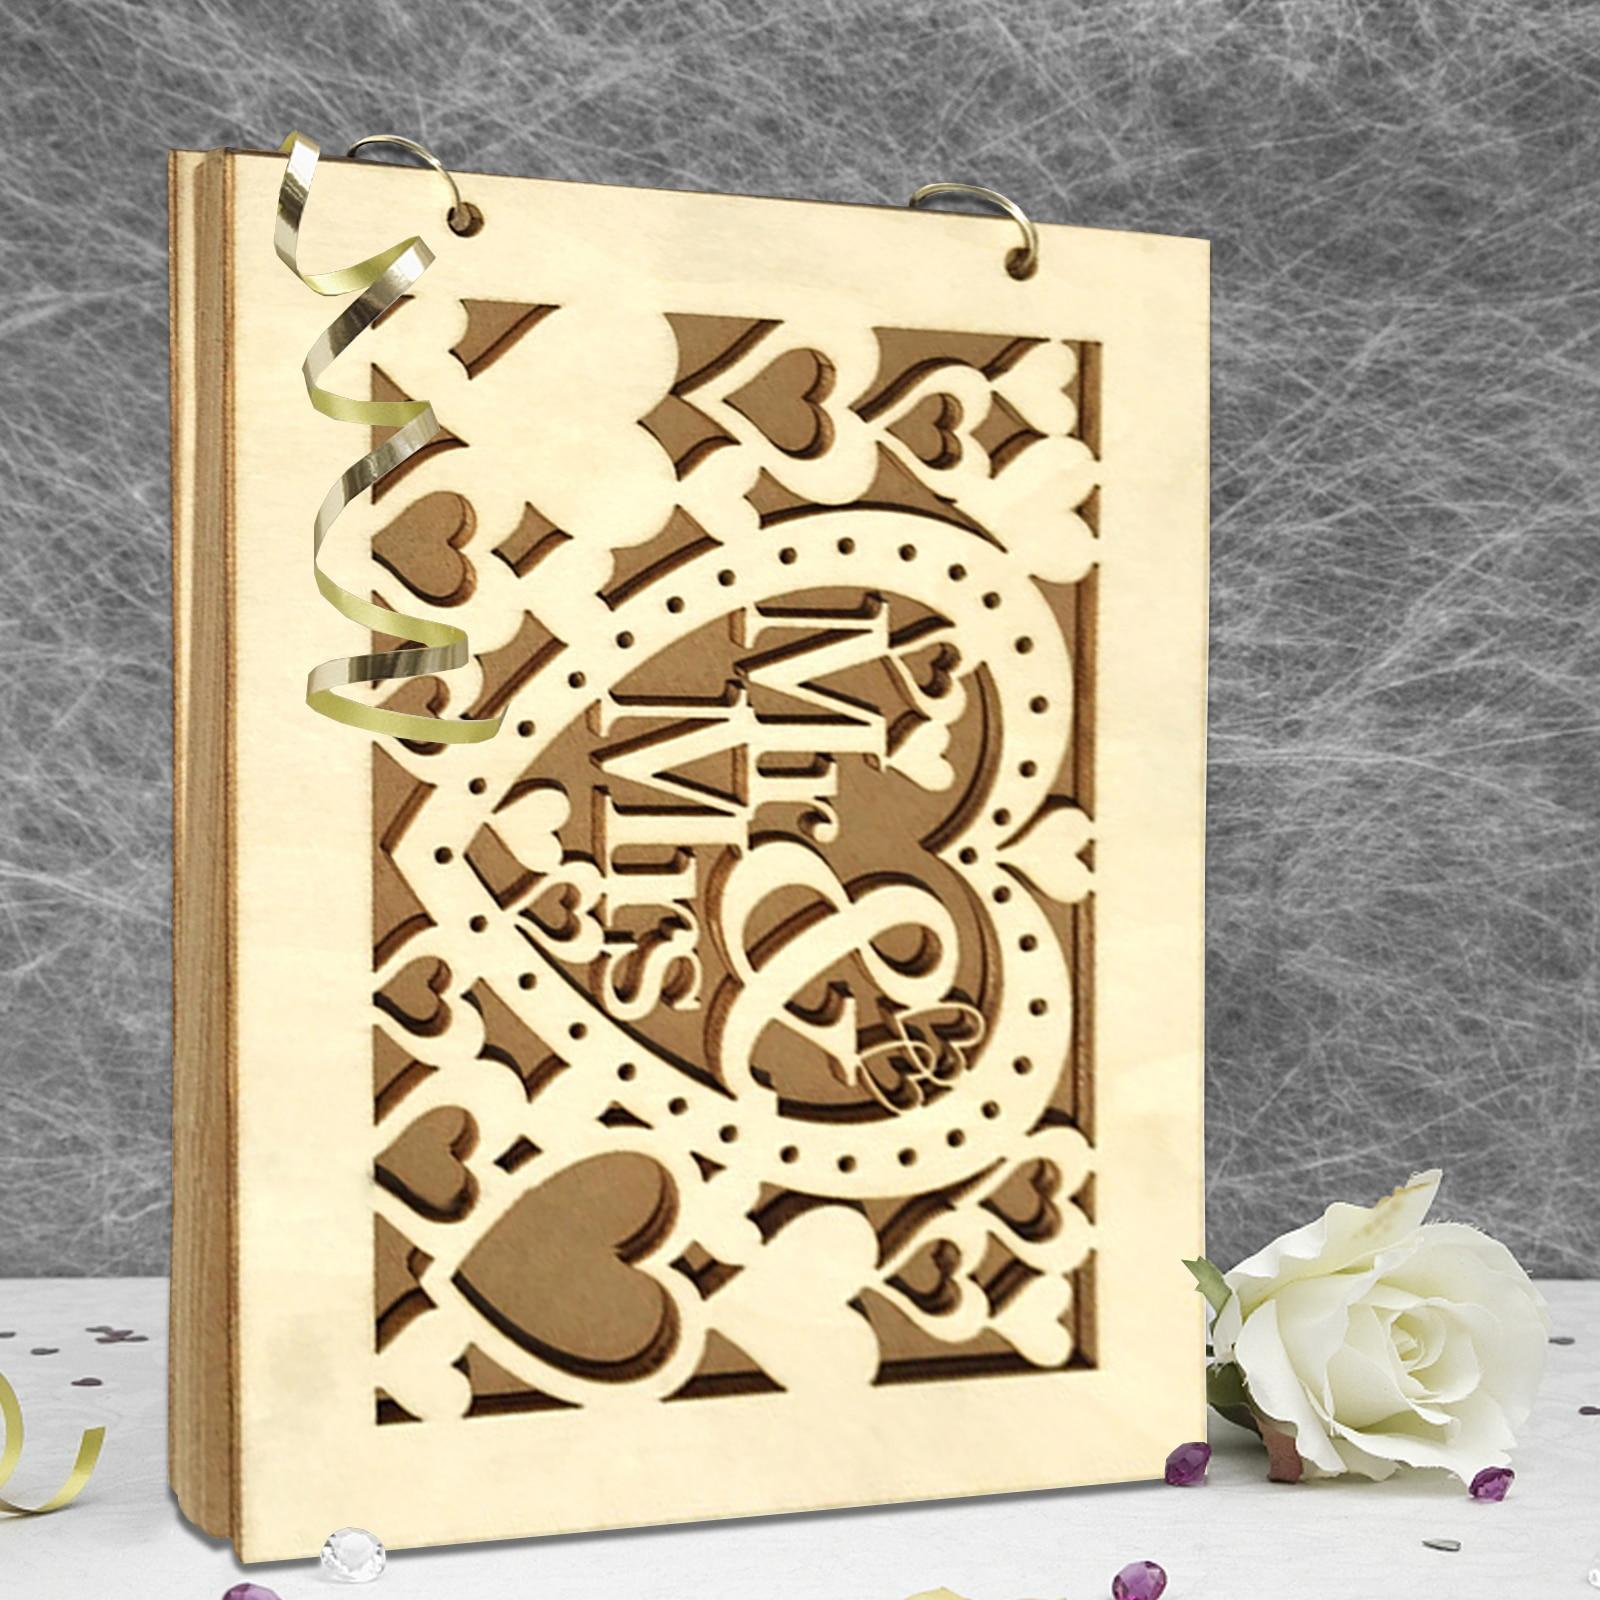 Ślub księga gości A4 rozmiar z 20/30 stron spersonalizowany podpis księga gości z drewna na zamówienie DIY Photo książka podpis dekoracje ślubne